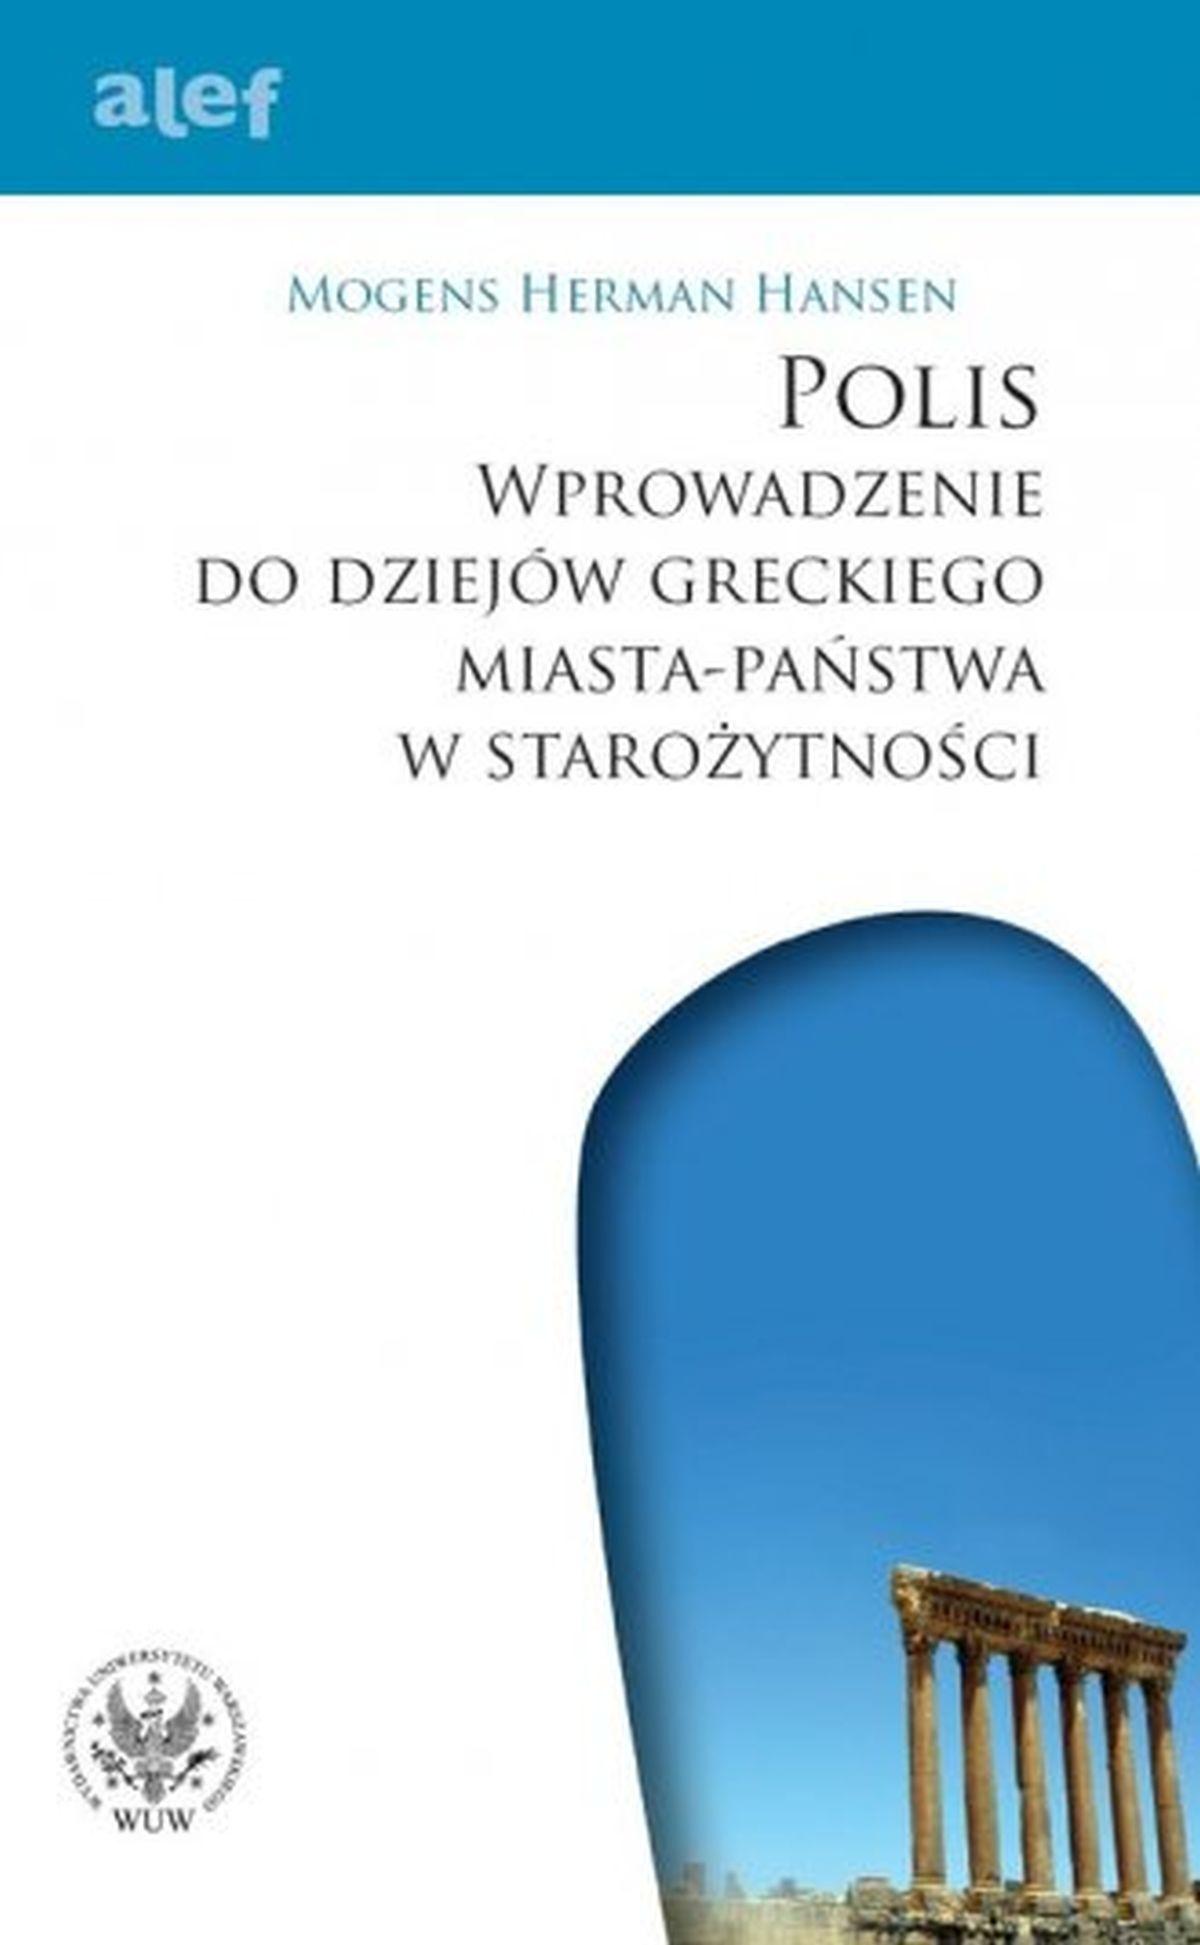 Mogens Herman Hansen, Polis. Wprowadzenie do dziejów greckiego miasta-państwa w starożytności